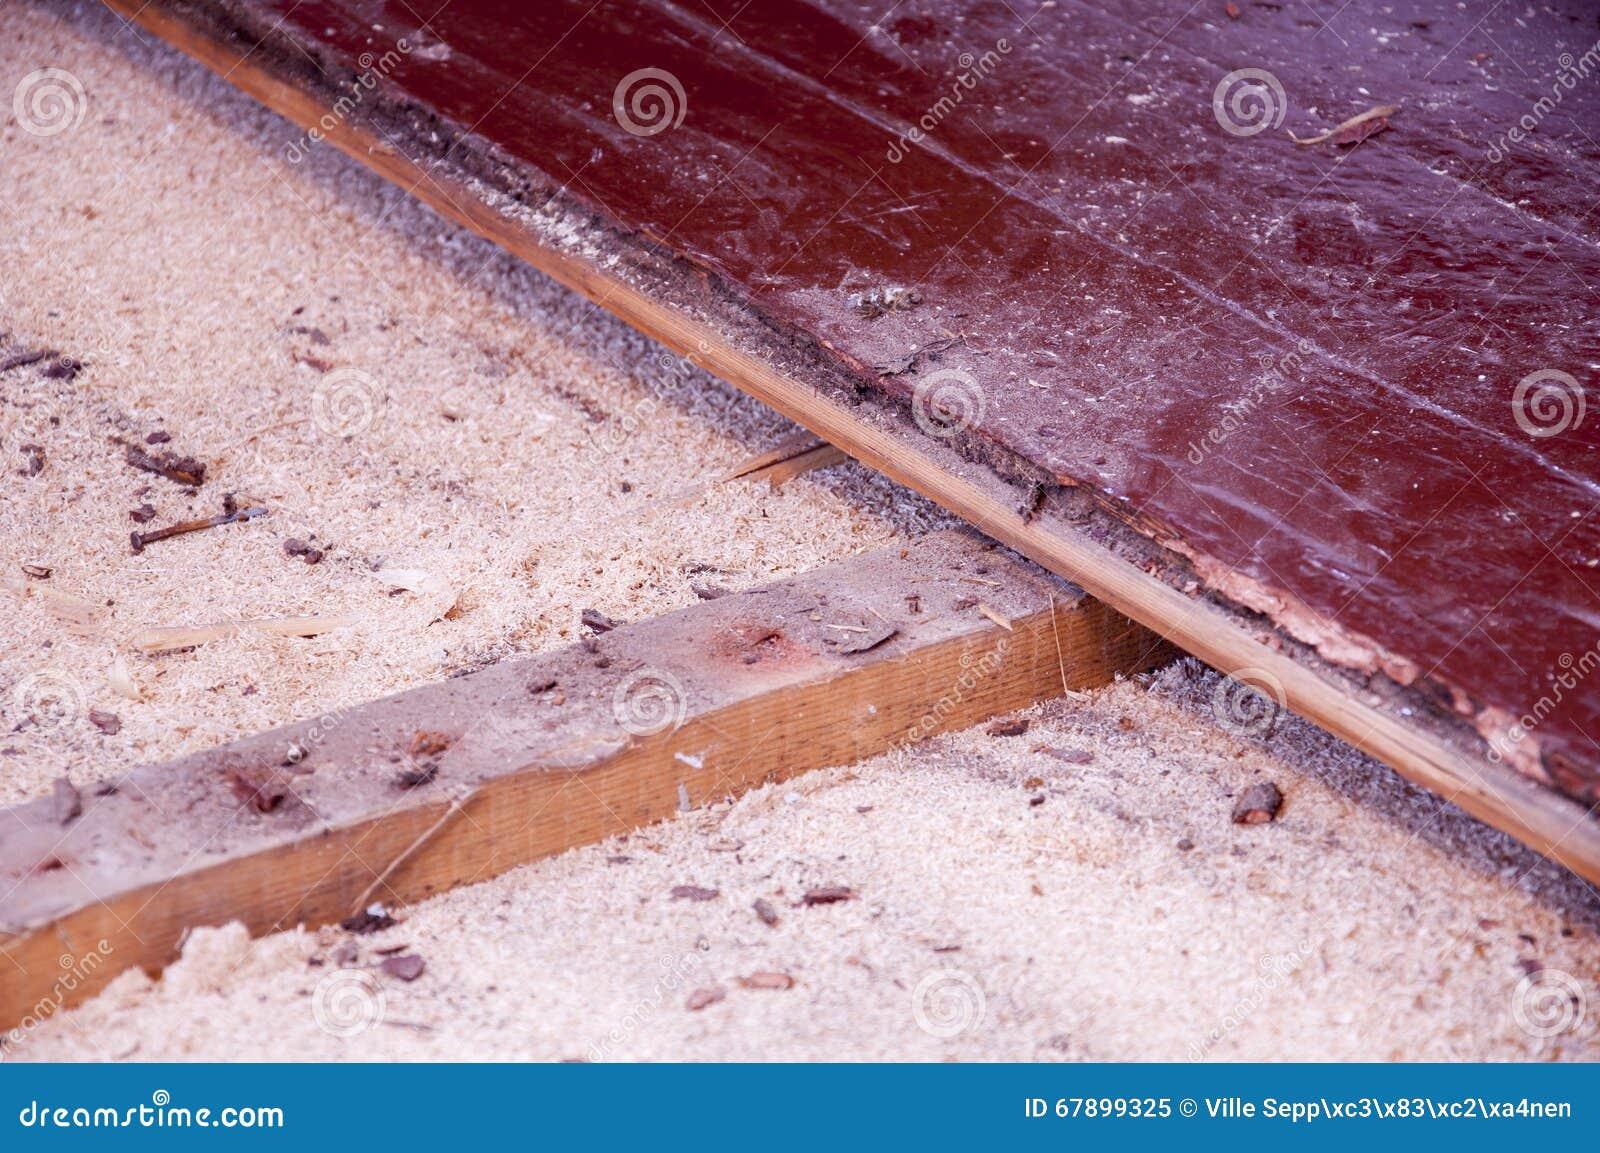 在老台面厚木板下的锯木屑绝缘材料